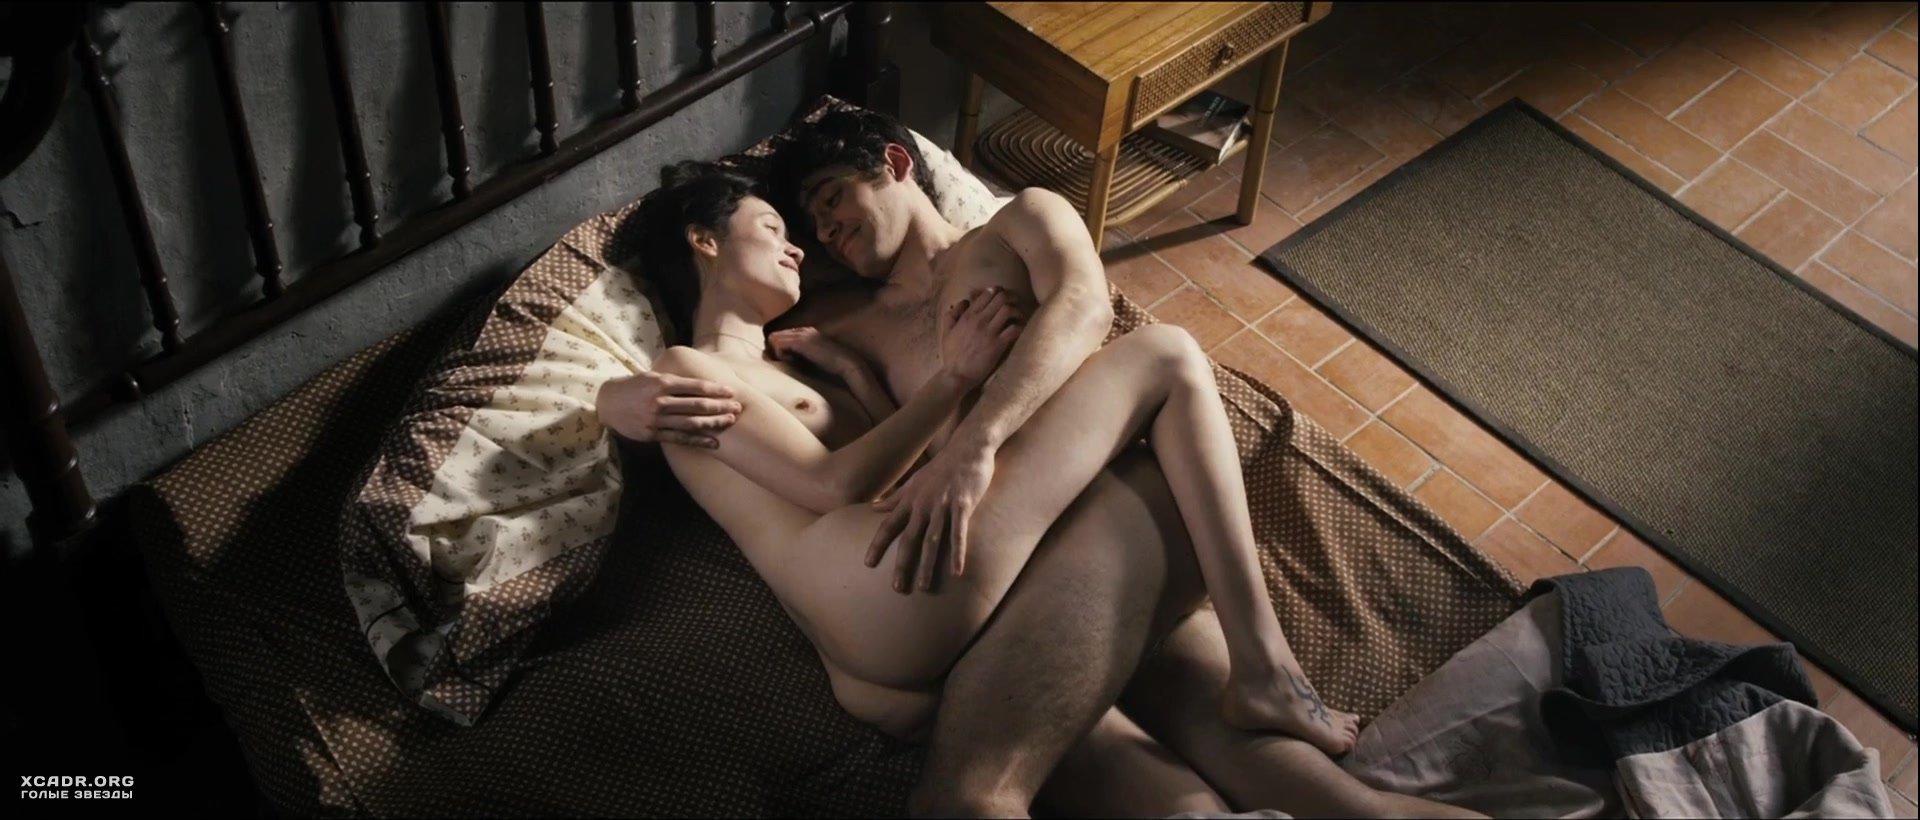 innocent-sex-scene-pic